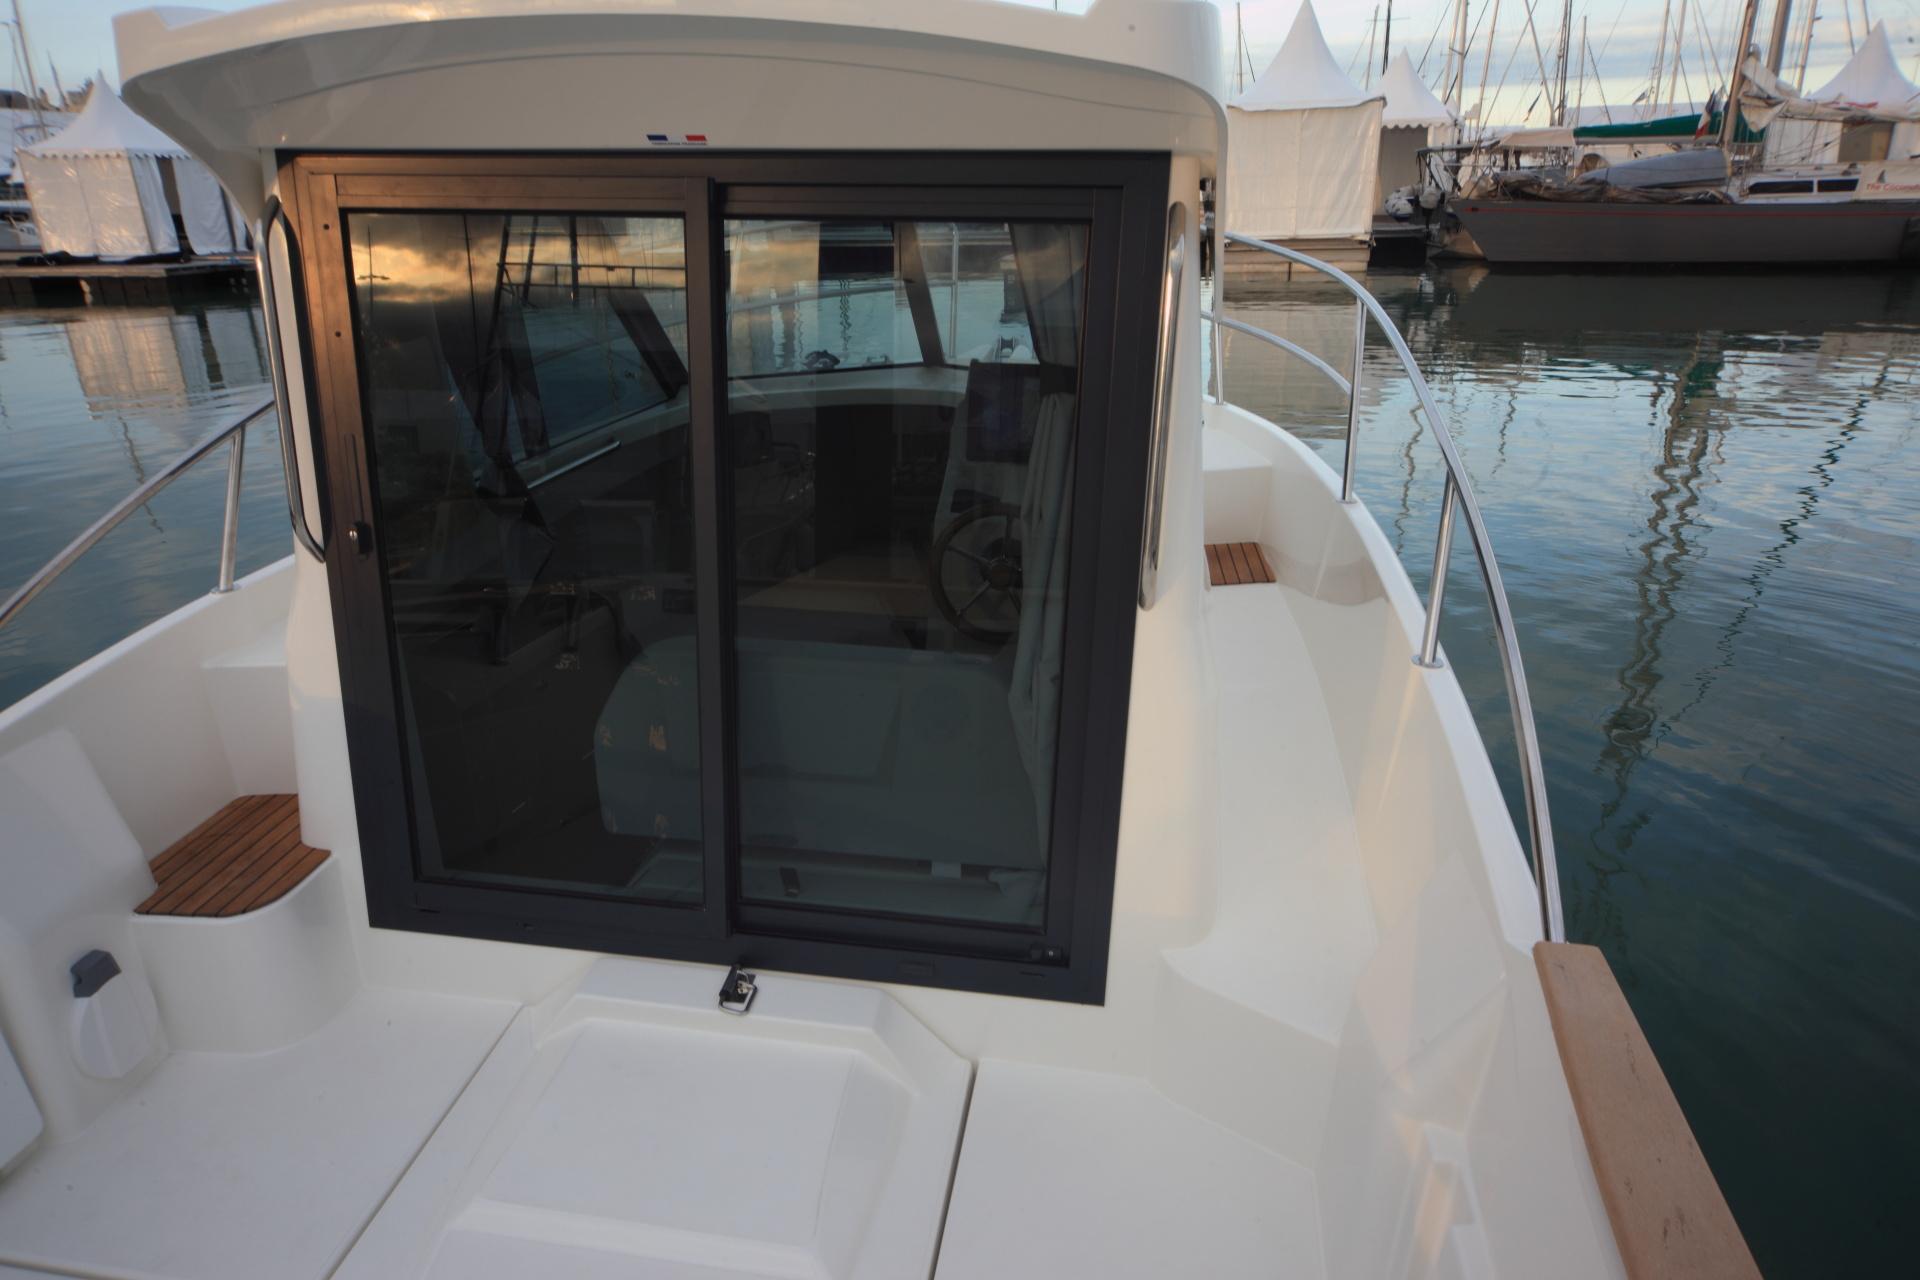 Barco de recreo ocqueteau timonier 625 inboard nuestra for Dimensiones cabina inodoro